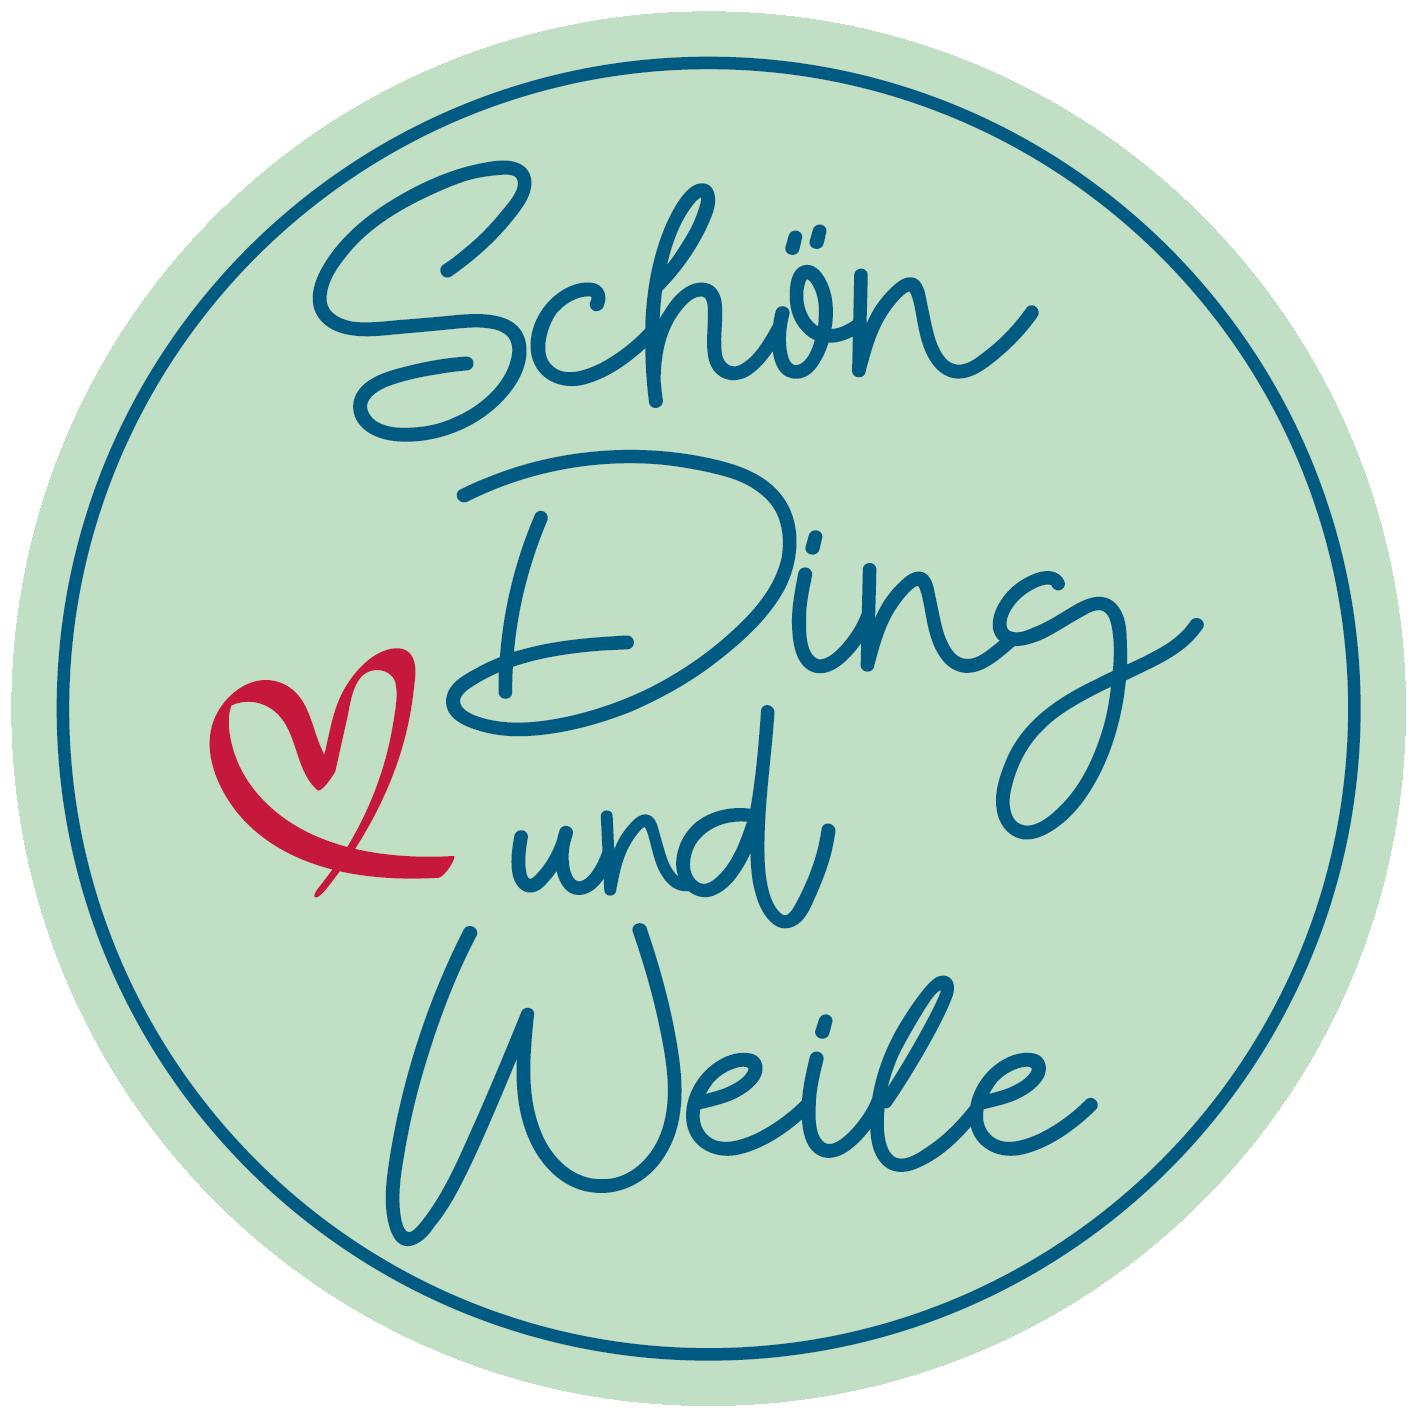 www.schoendingundweile.de